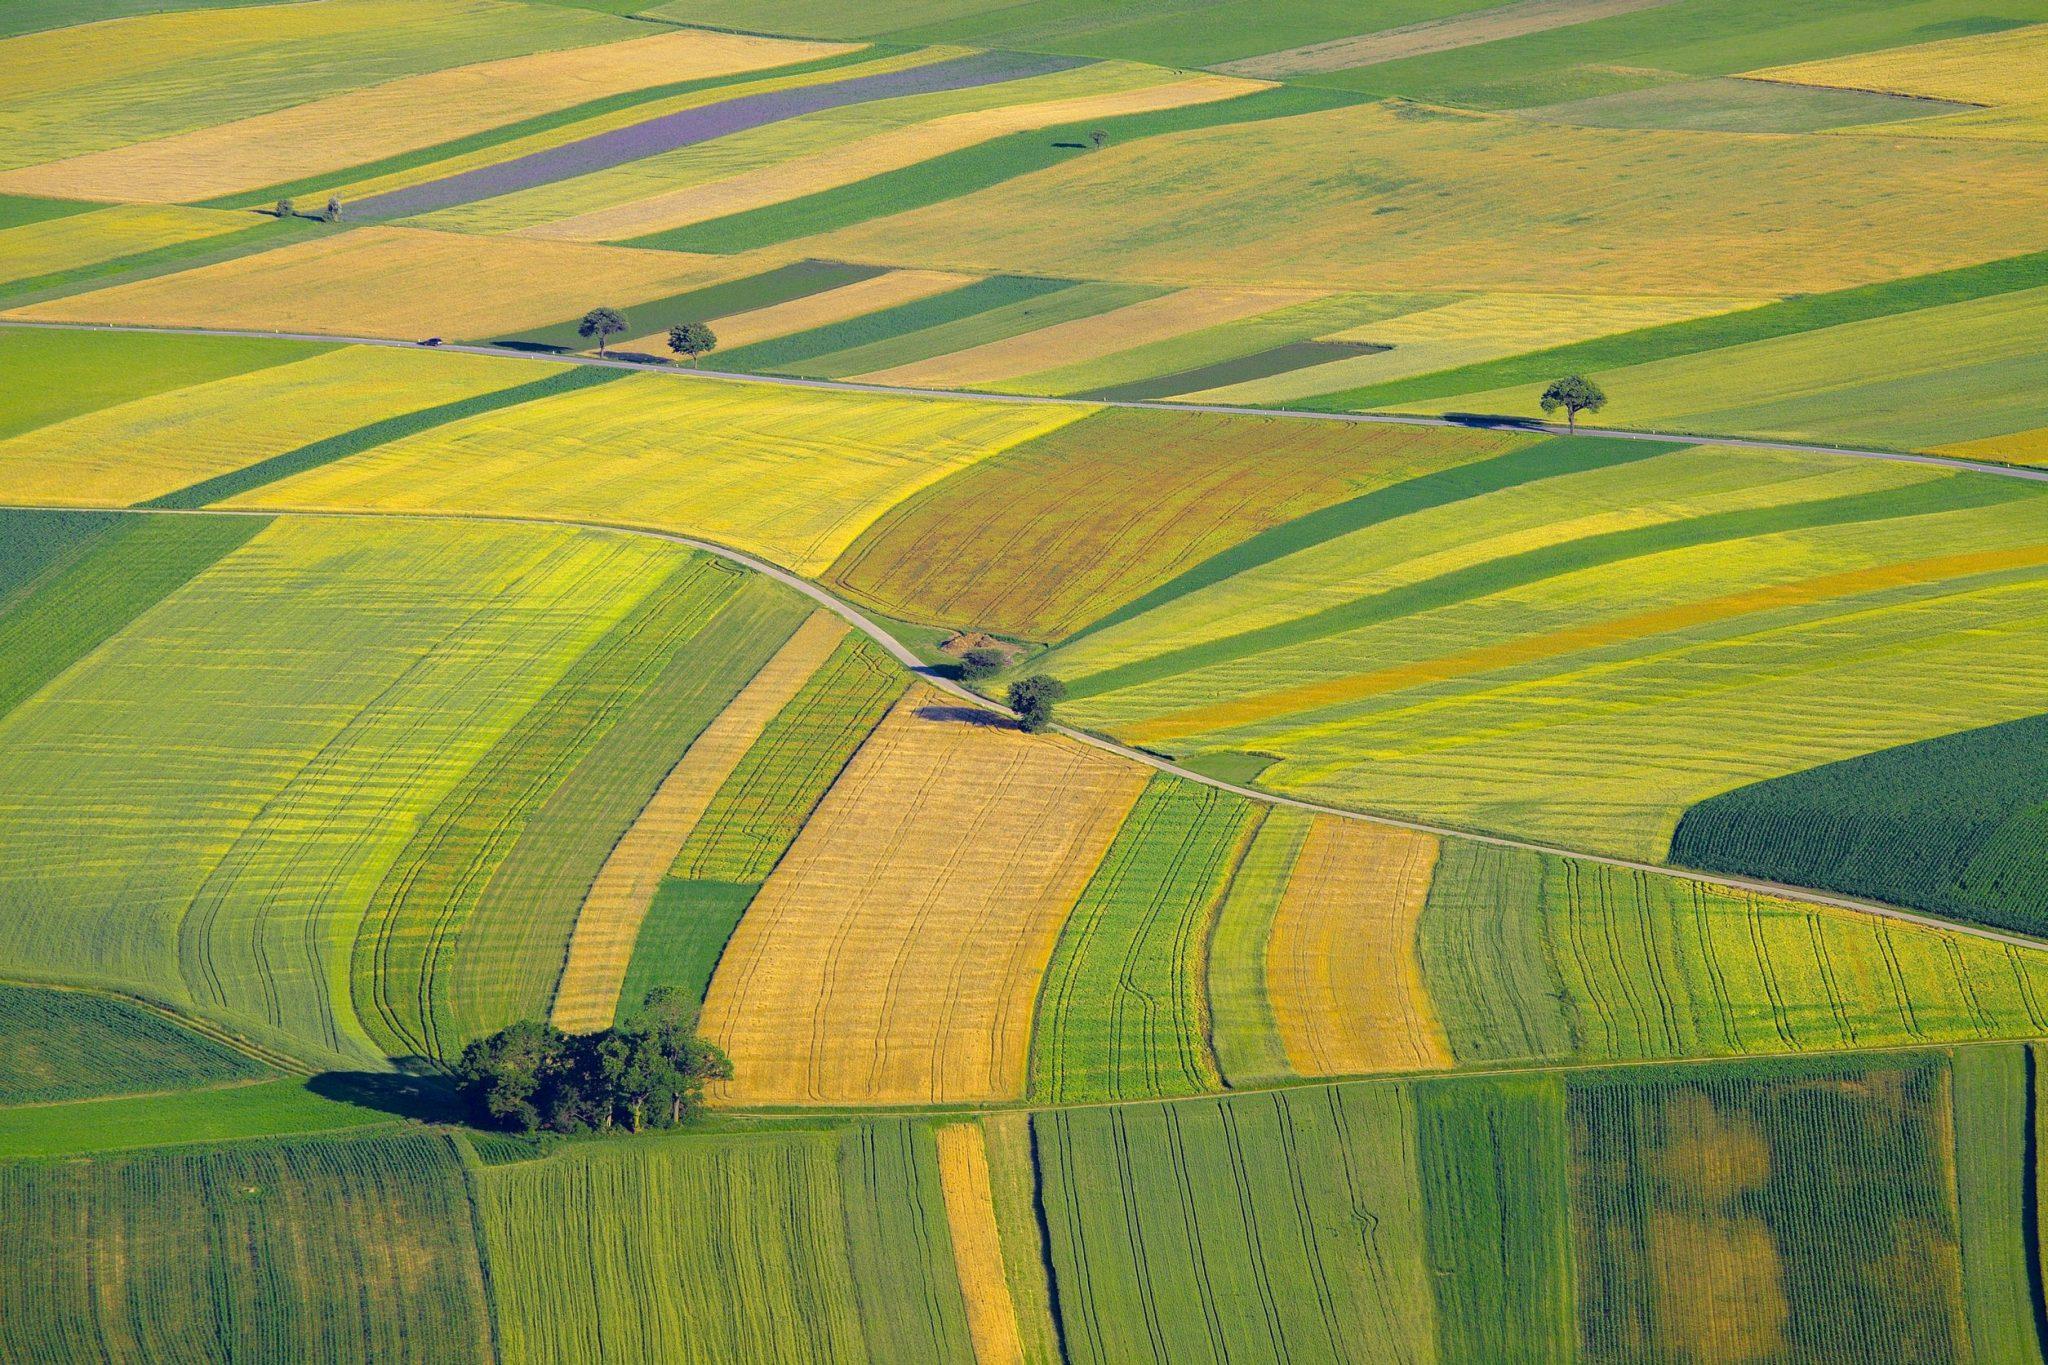 Kérhető-e felmentés vagy sem a zöldítésben?